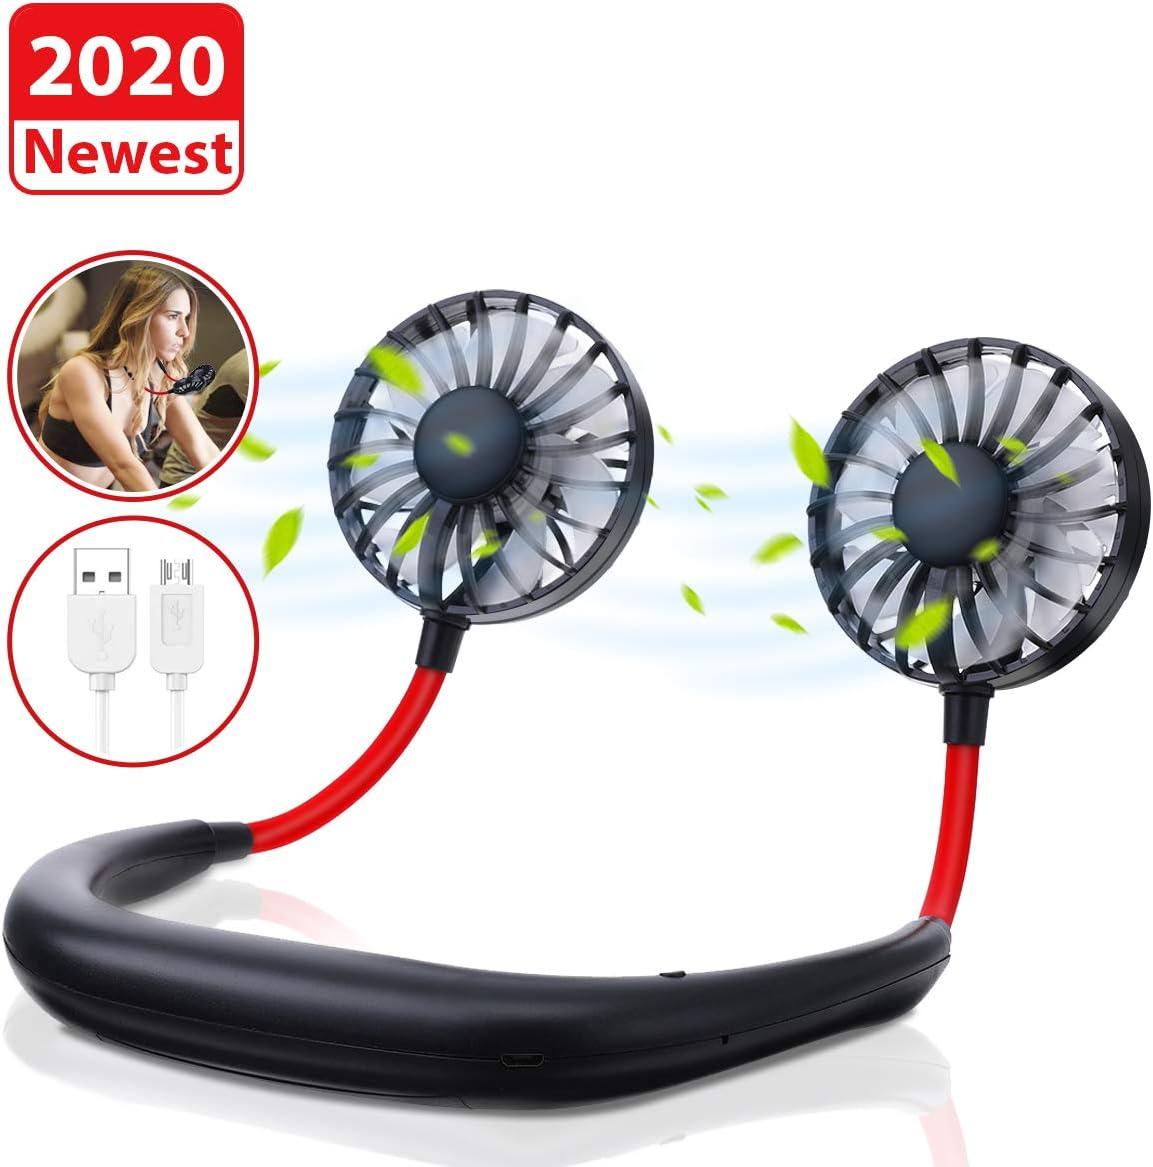 Tvird Ventilador Personal Portátil,Ventilador de Collar Mini Ventilador de Manos Libres Ventilador de Banda para el Cuello Ventilador USB Recargable Ventilador con Doble Cabeza Giratorio de 360°